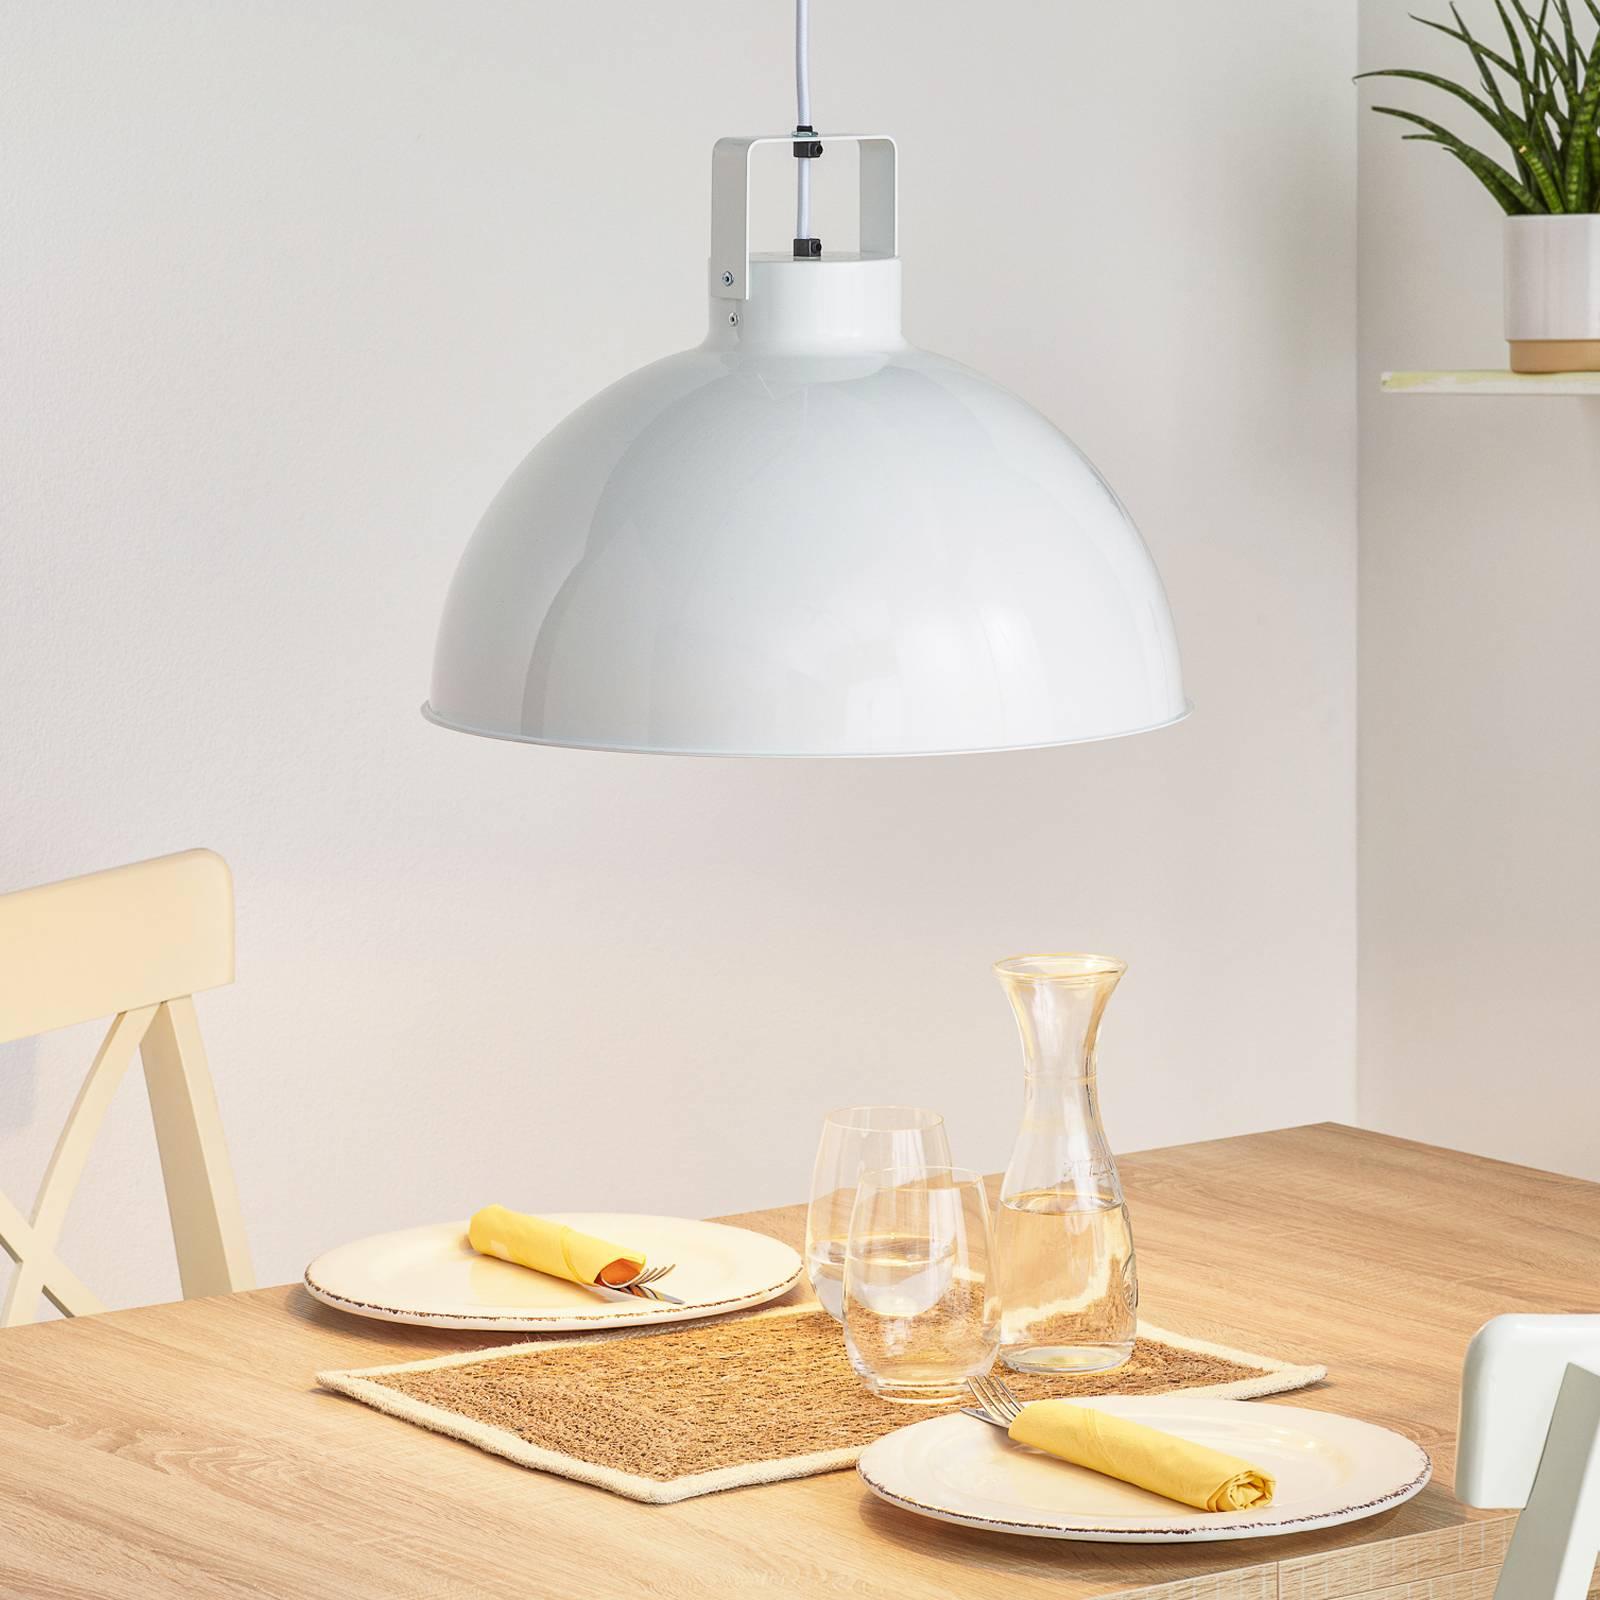 Jieldé Dante D450 lampa wisząca, biała, Ø 45 cm